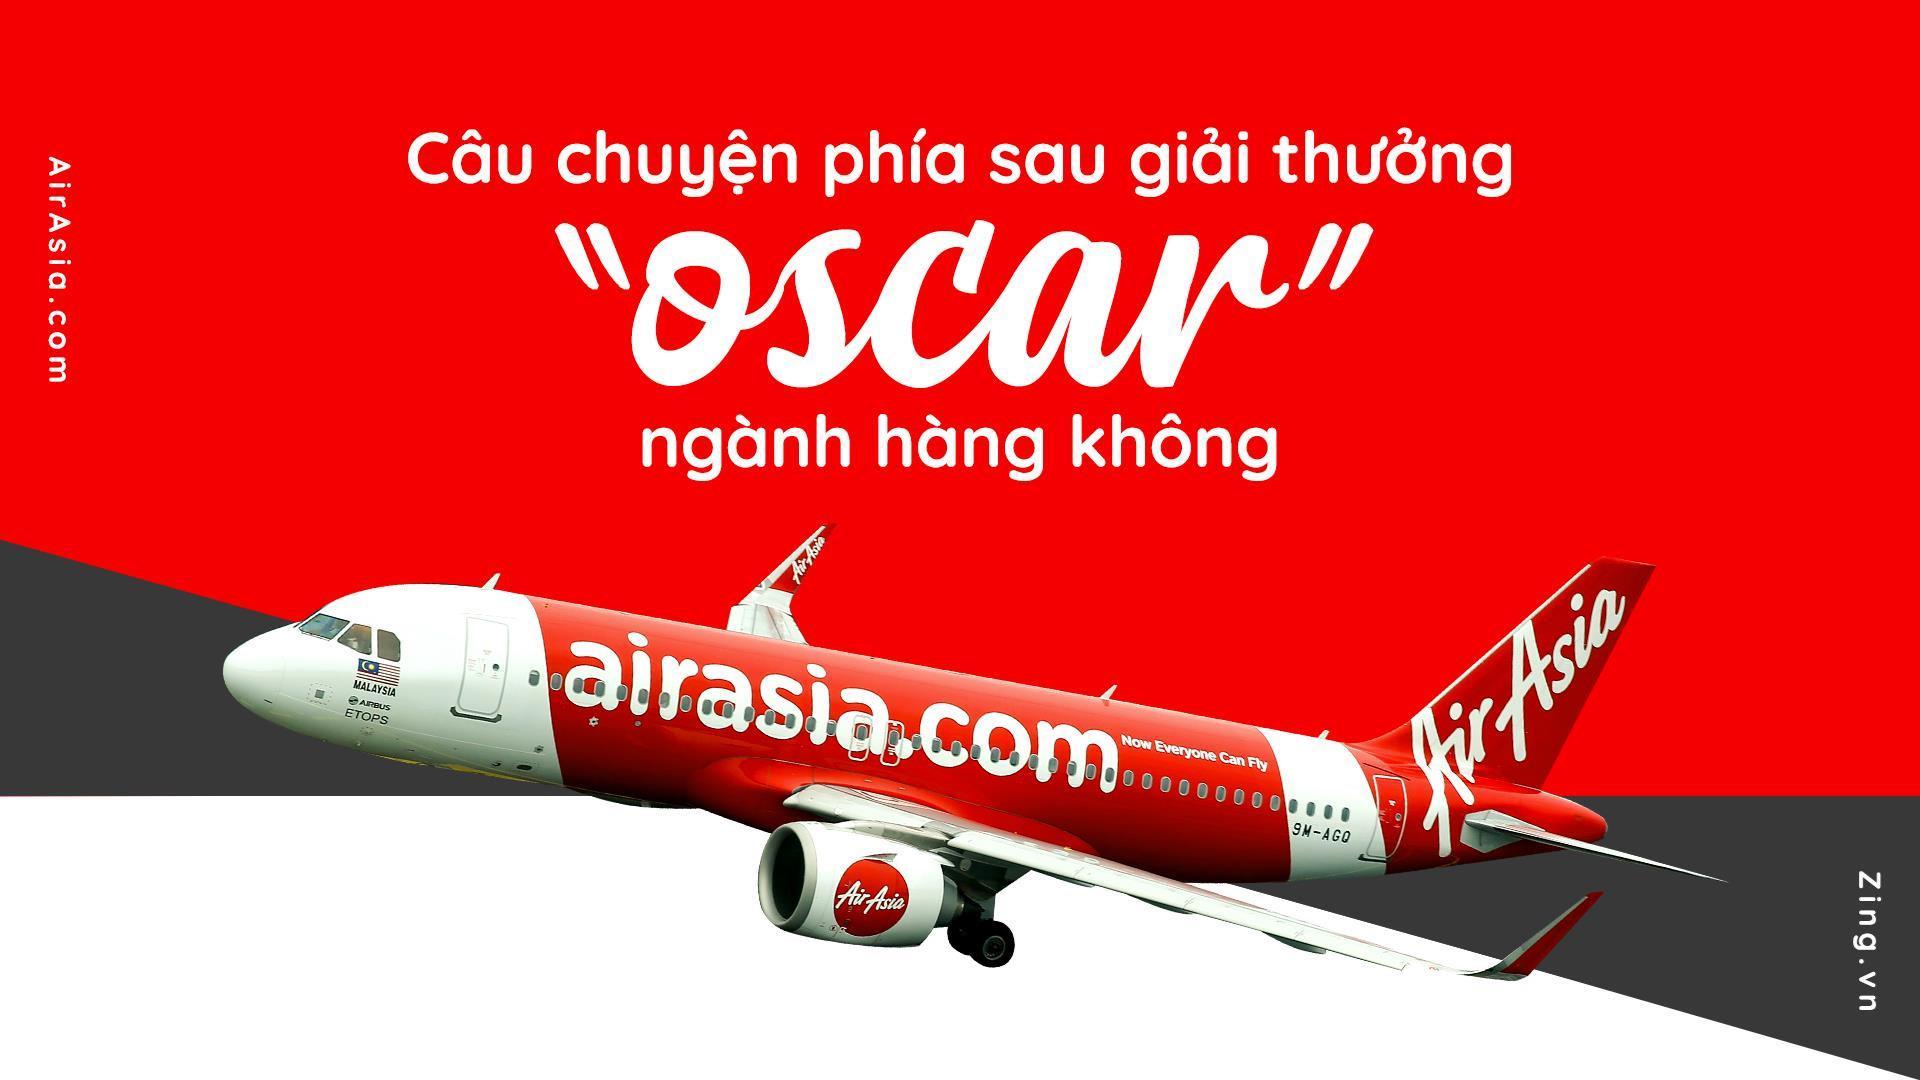 Câu chuyện phía sau giải thưởng 'Oscar' ngành hàng không Ảnh 1